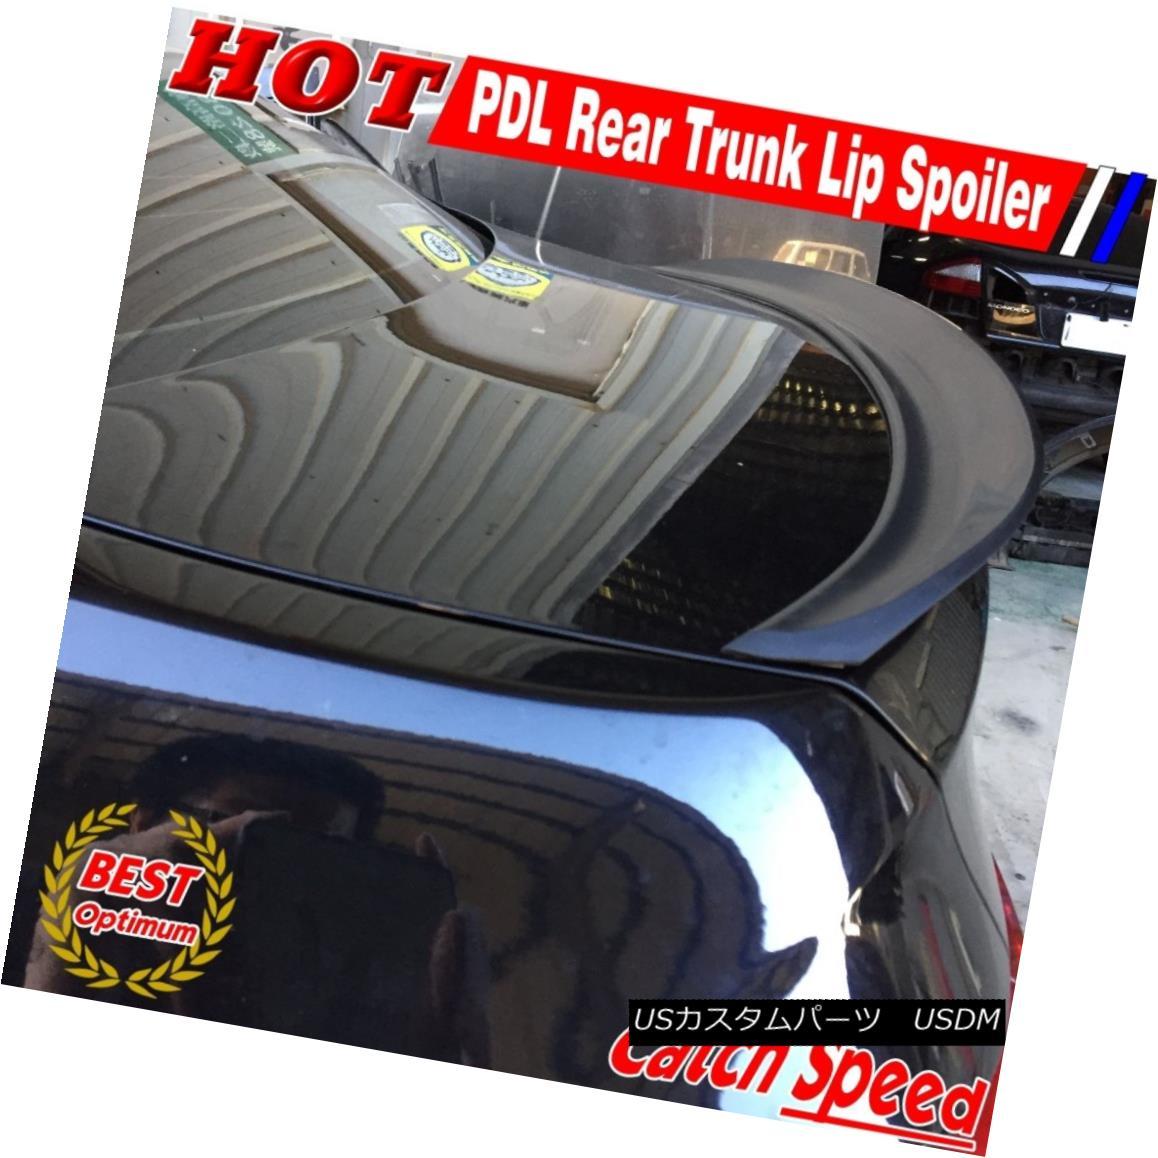 エアロパーツ Painted P Style Rear Trunk Spoiler Wing For Honda Civic EX Sedan 2012~2015 Honda Civic EXセダン2012年?2015年のペイント済みPスタイルリアトランク・スポイラー・ウィング